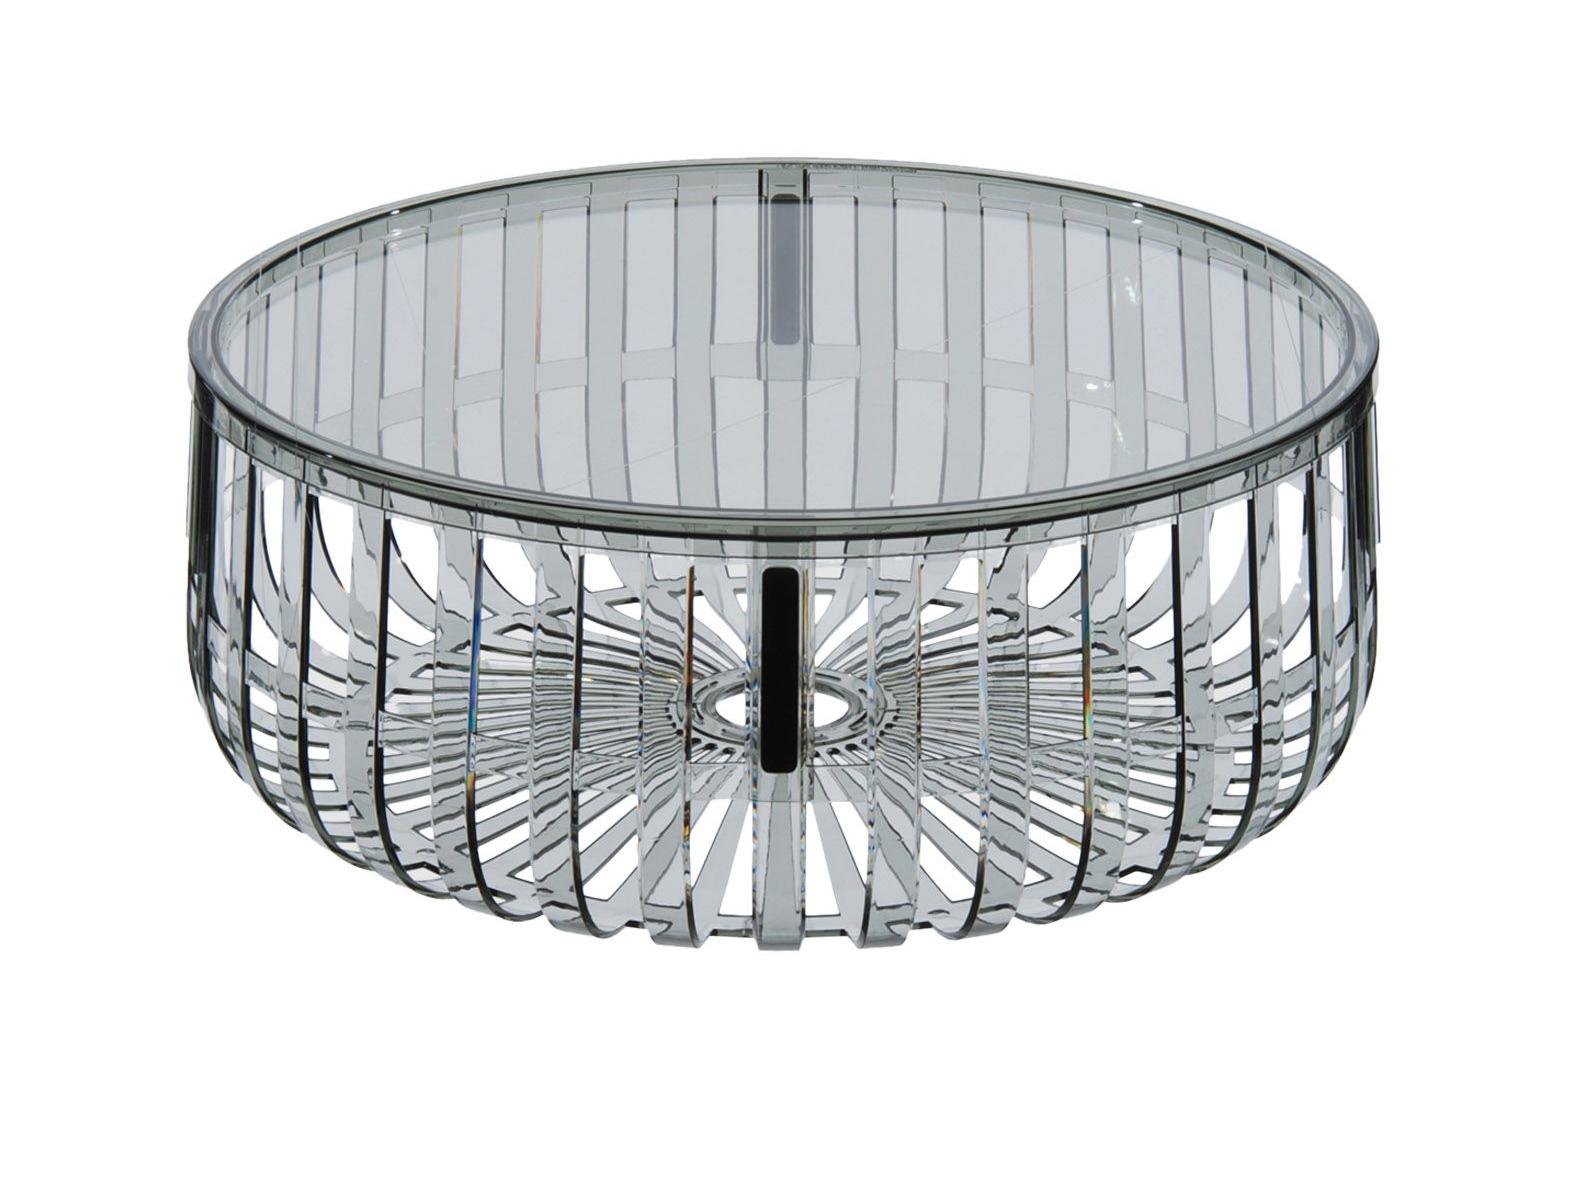 table basse kartell panier id e inspirante pour la conception de la maison. Black Bedroom Furniture Sets. Home Design Ideas